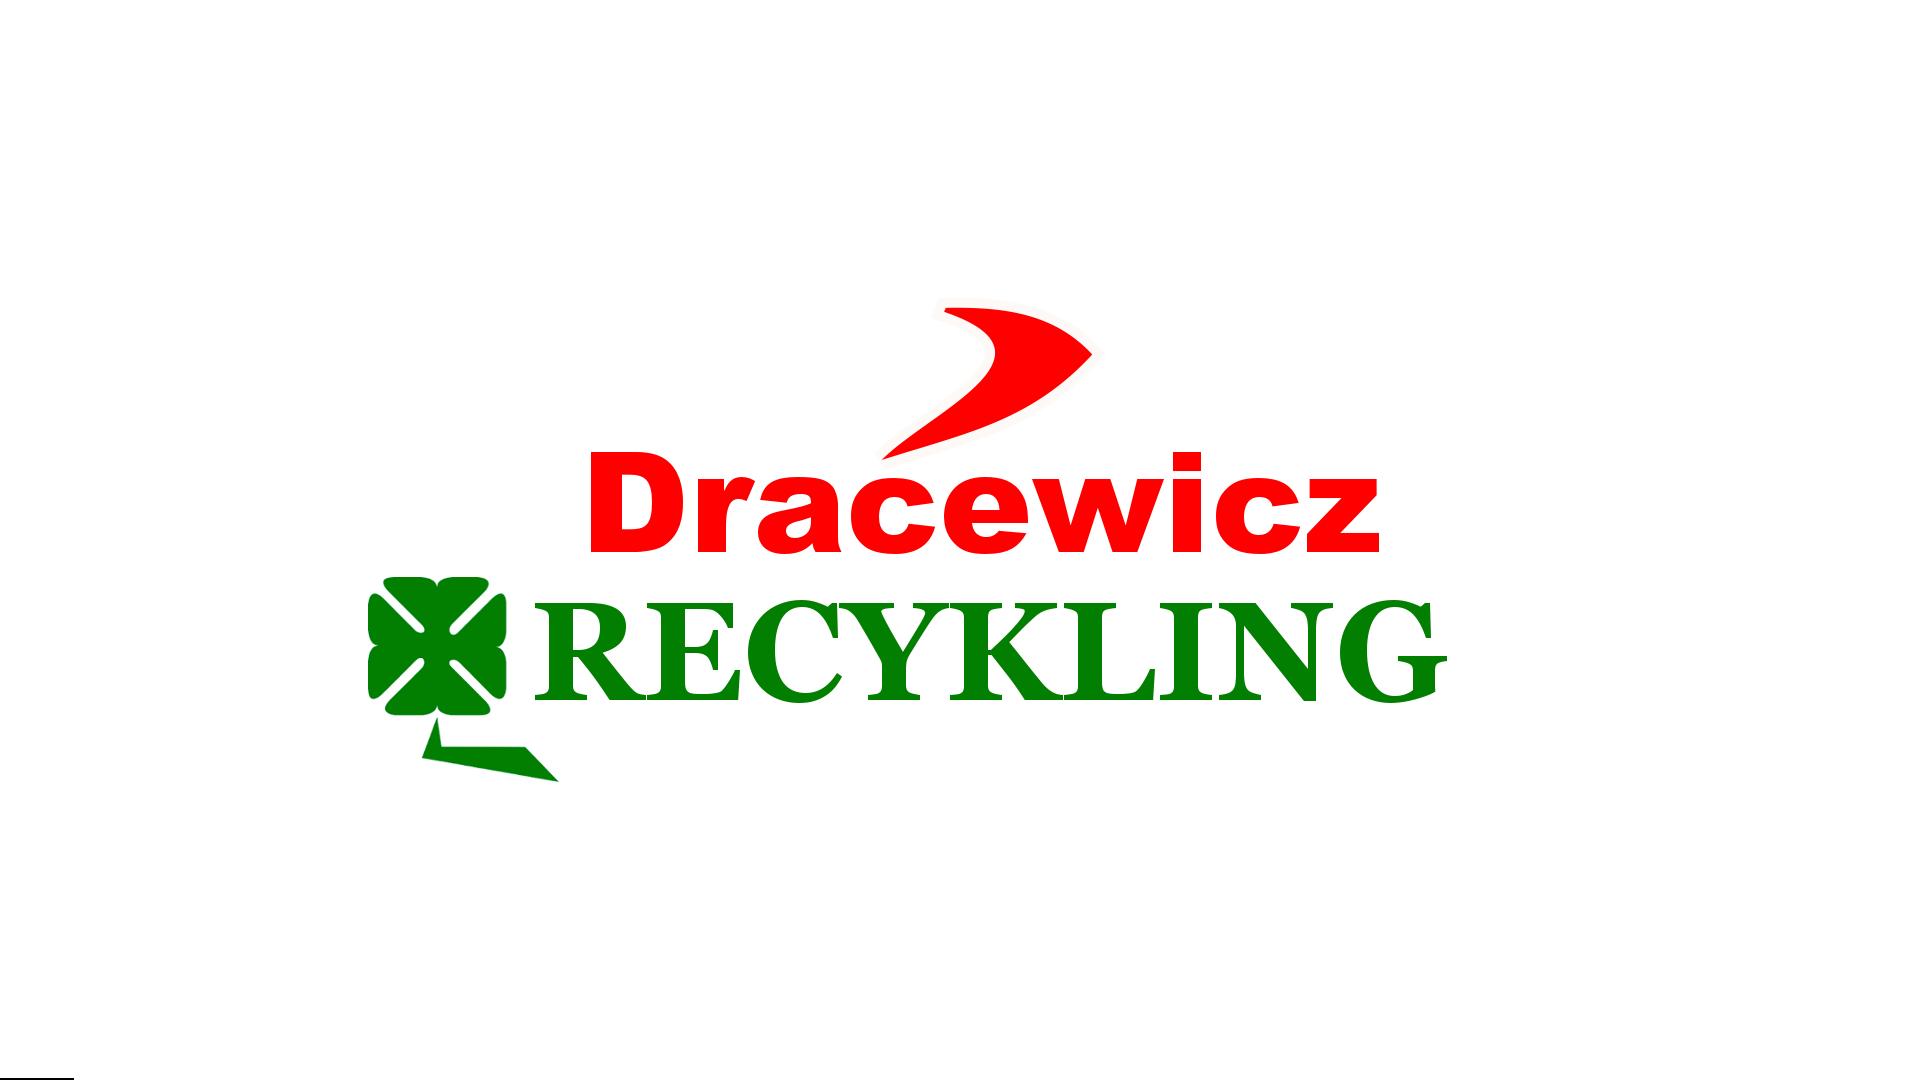 Dracewicz Recykling